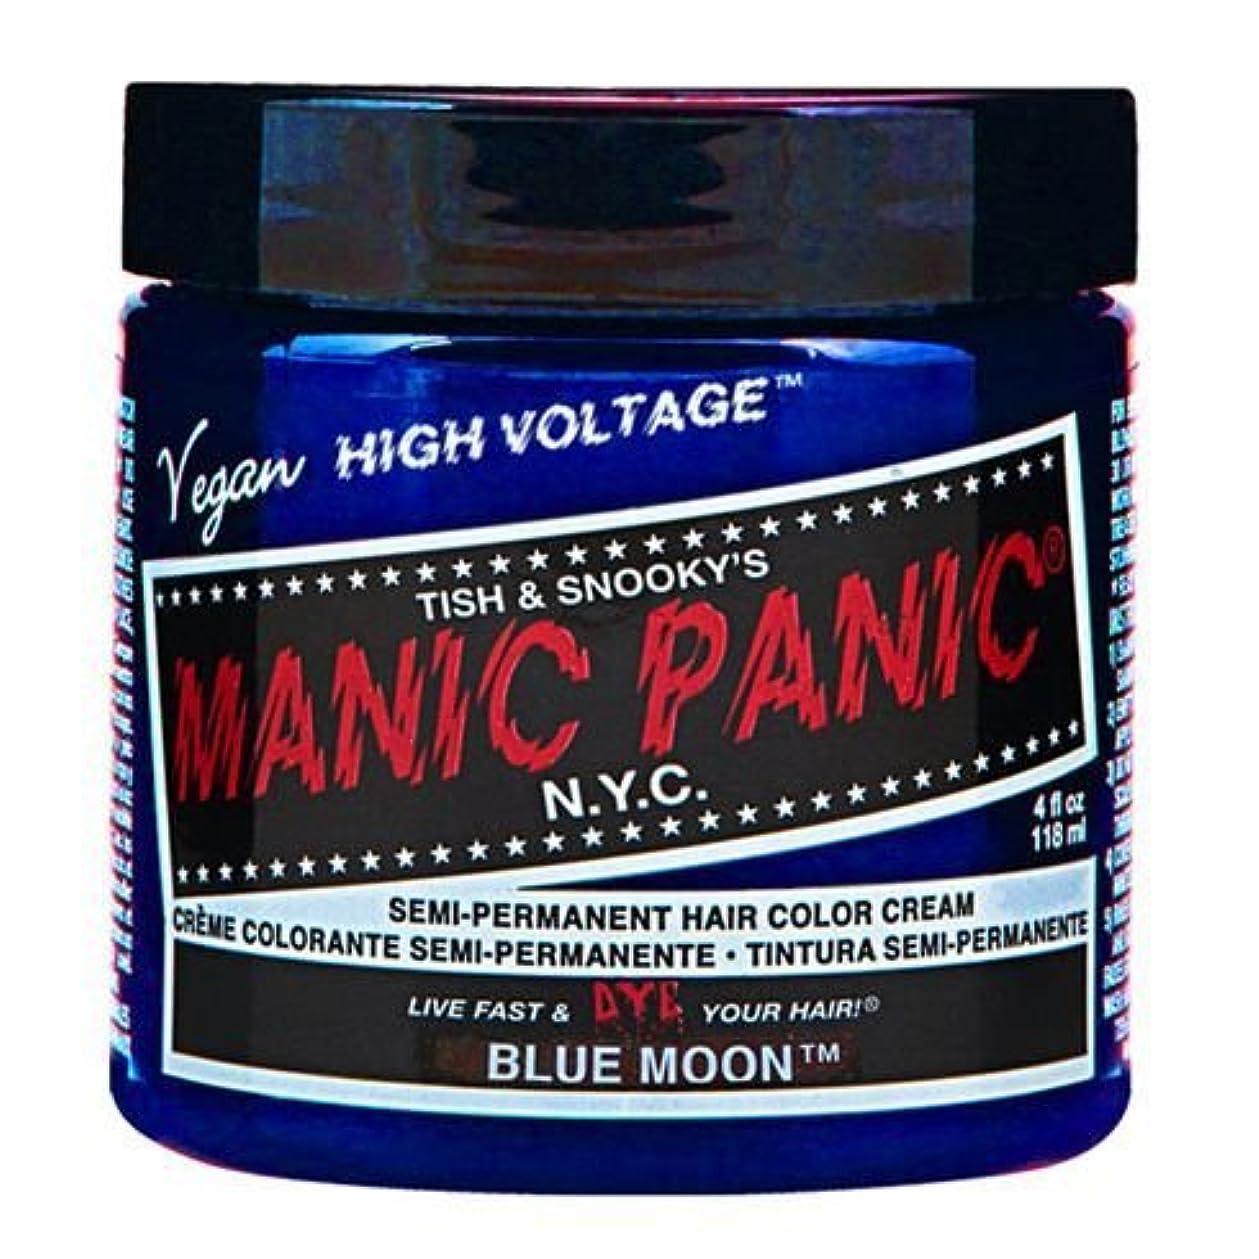 作曲家うそつきブルジョンスペシャルセットMANIC PANICマニックパニック:Blue Moon (ブルームーン)+ヘアカラーケア4点セット